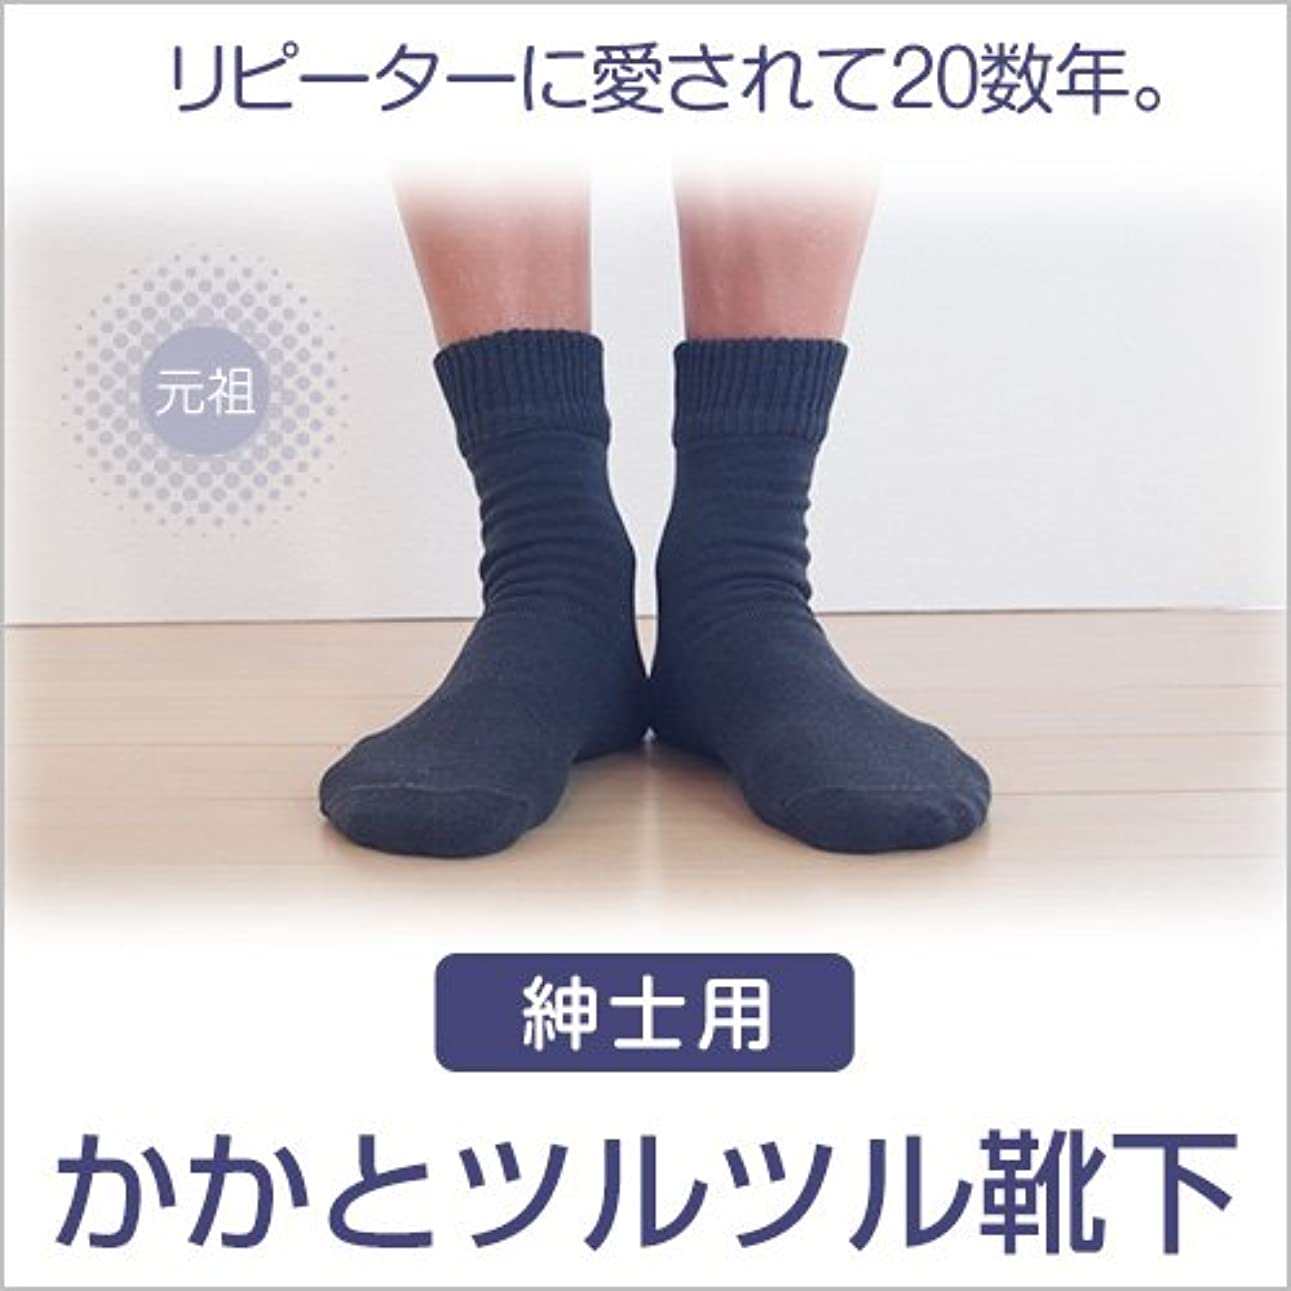 コードレス傾向がある減らす男性用 かかと ツルツル 靴下 グレー 24-26cm 角質 ケア ひび割れ 対策 太陽ニット 700